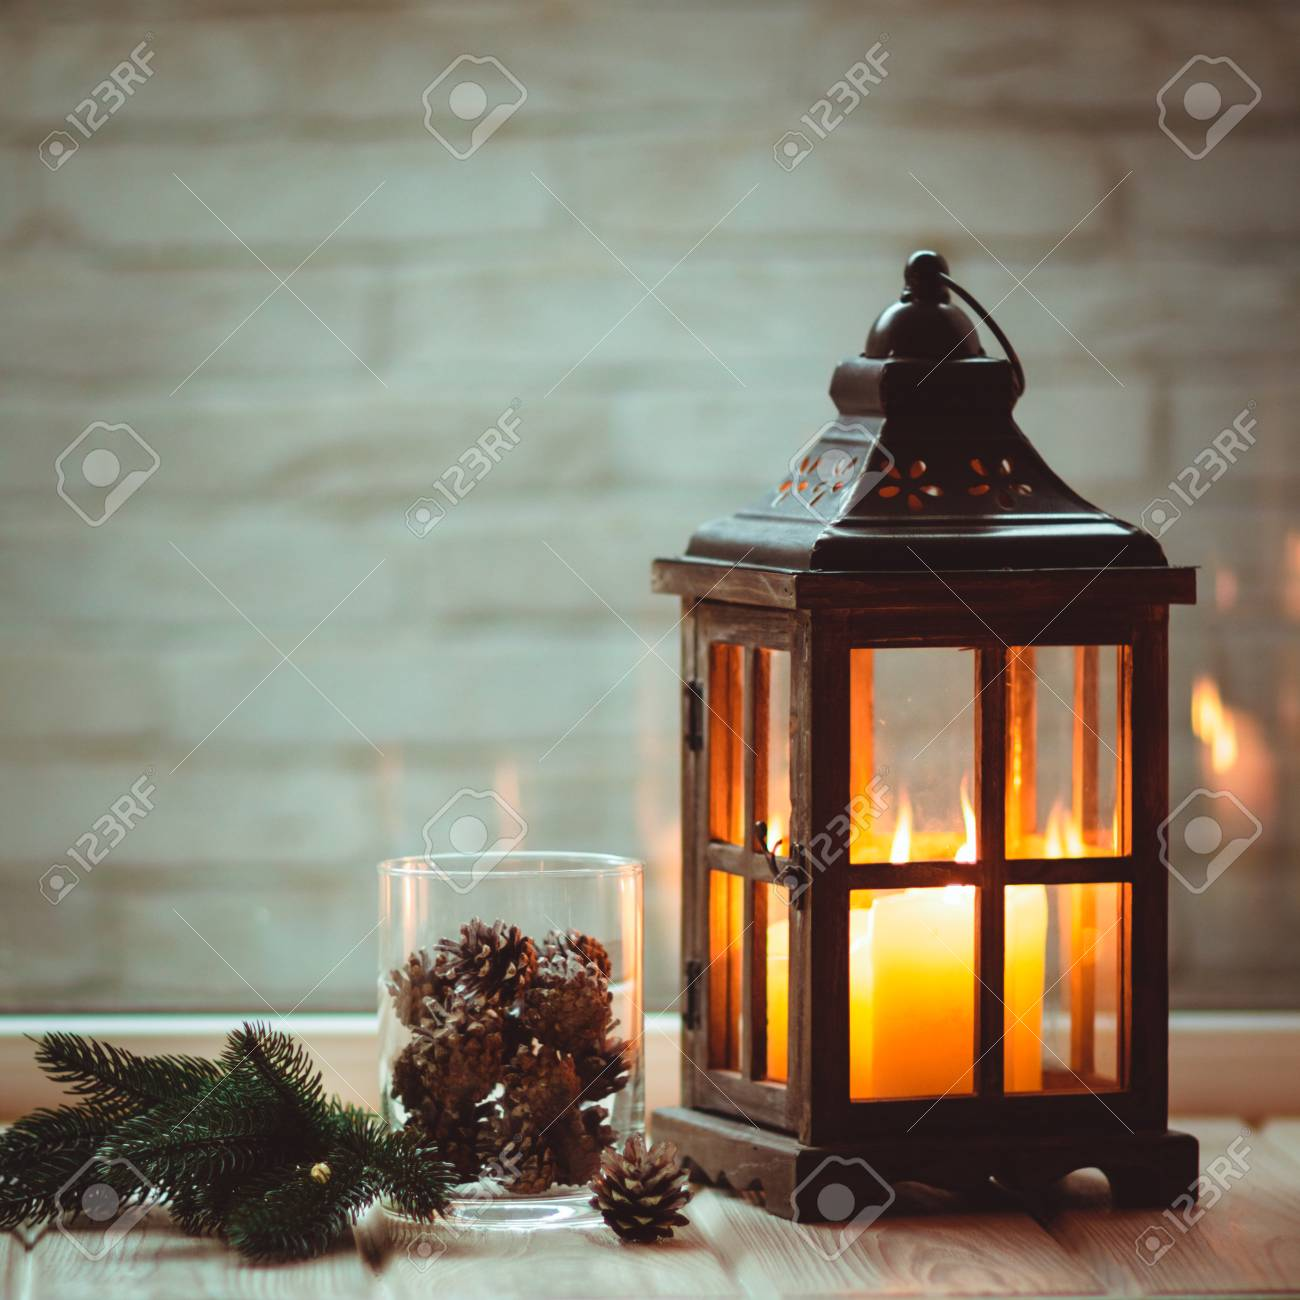 Christmas Lanterns.Christmas Lanterns With Candles Christmas Decor Greeting Card